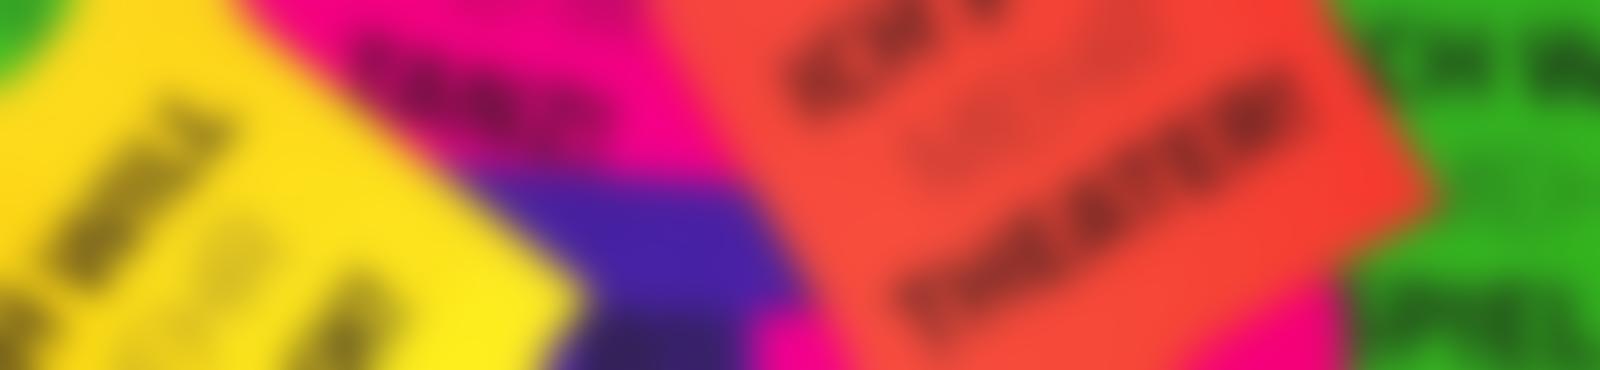 Blurred 50c4cc21 90a7 4905 8e80 4154a2a6728f